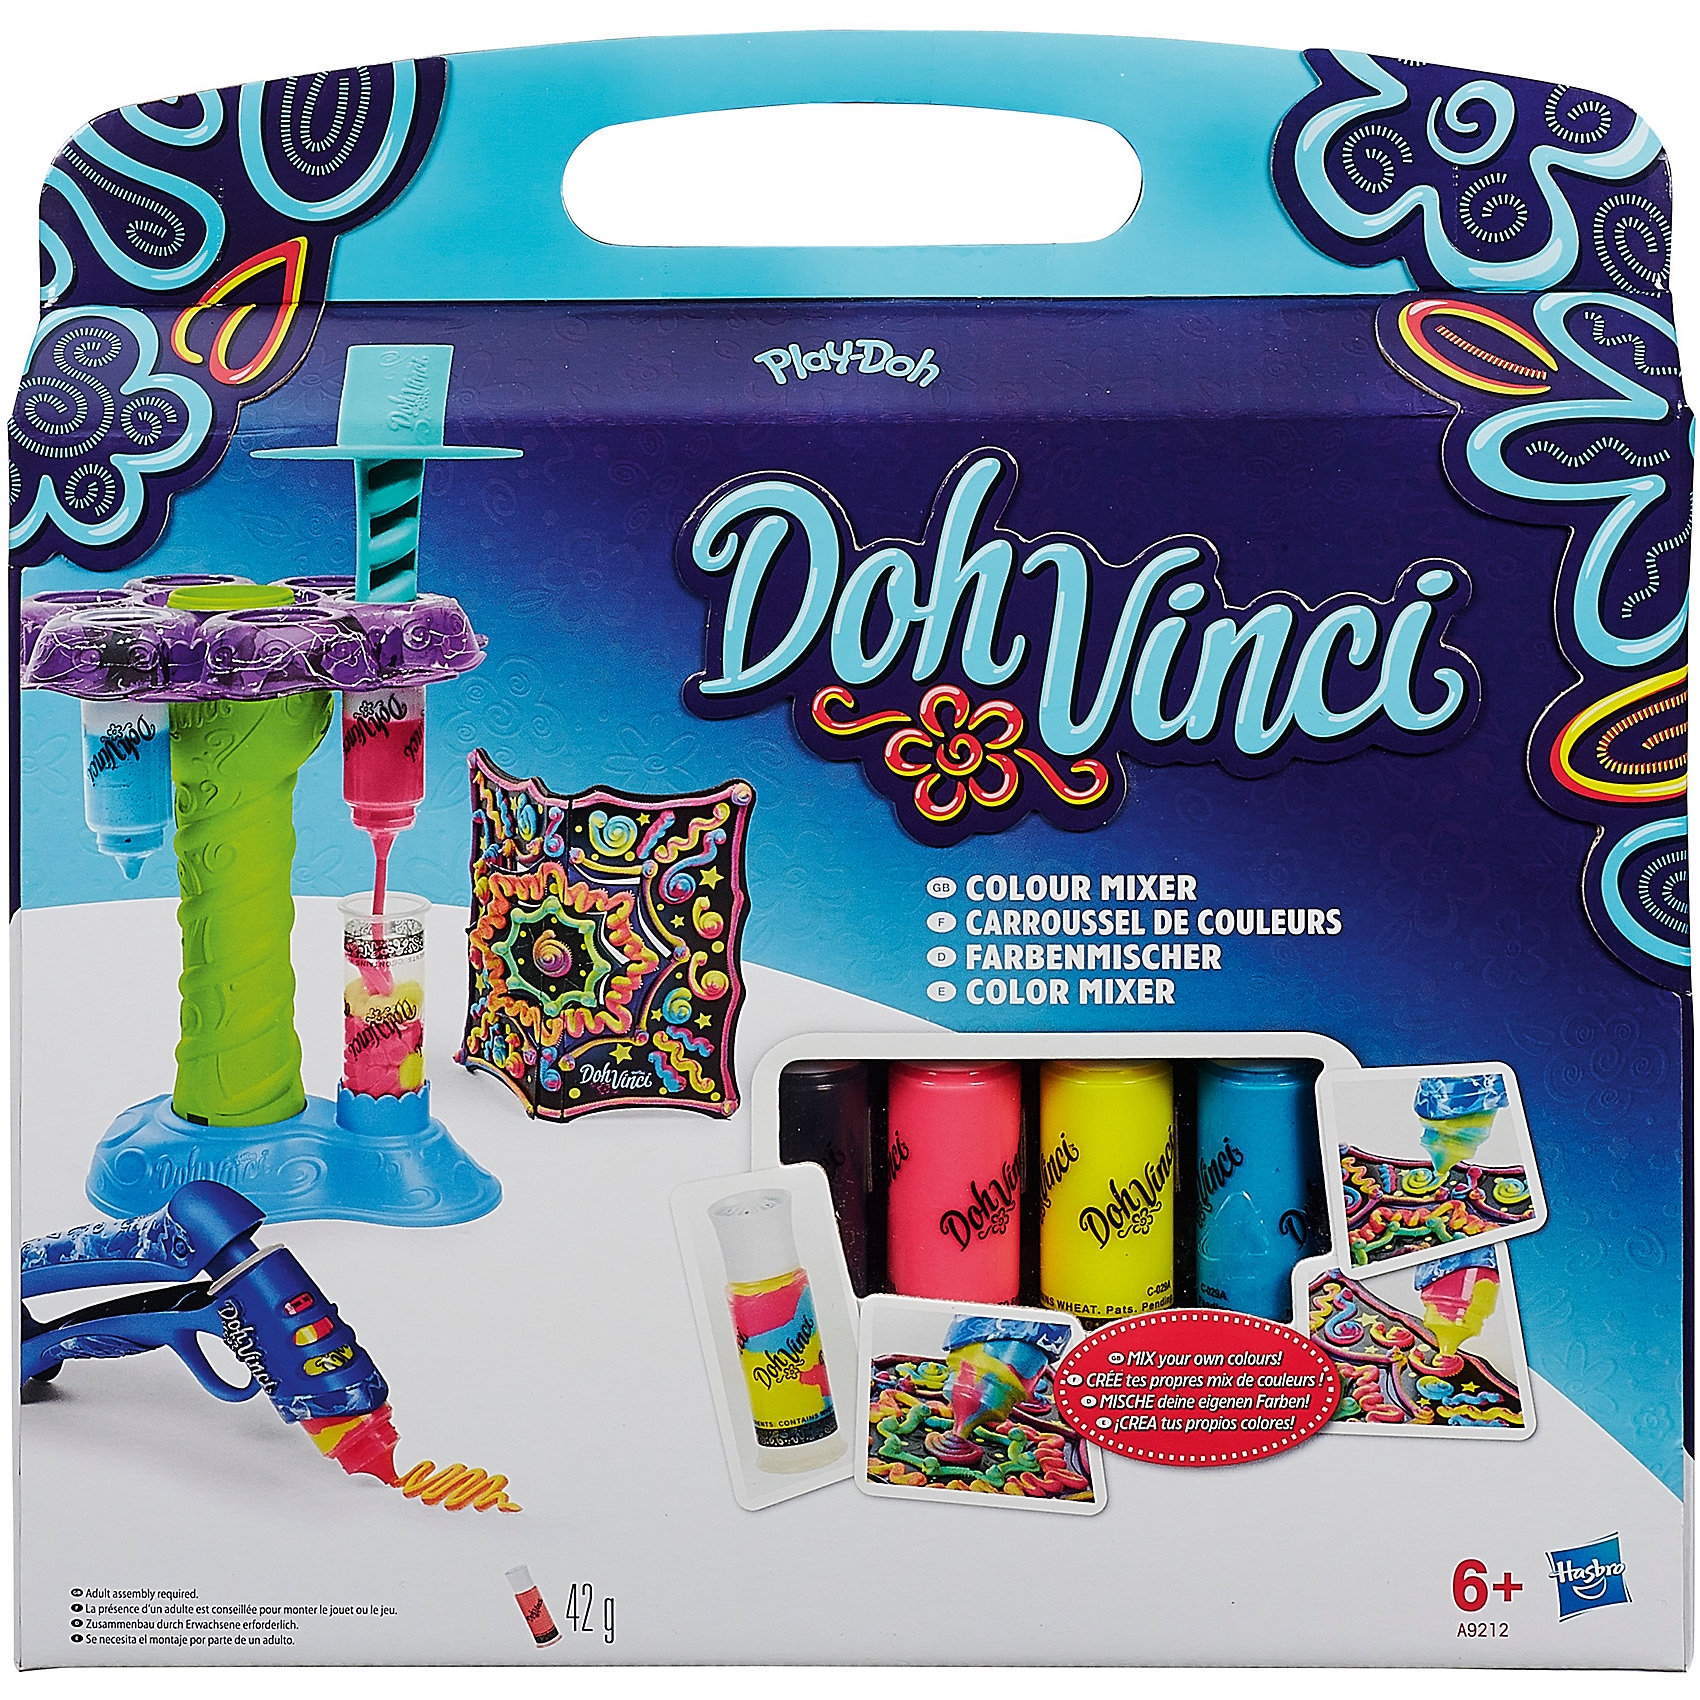 Микшер цветов, DohVinciЛепка<br>Микшер цветов, DohVinci (До-Винчи) порадует всех юных любителей лепки и поможет им реализовать свои творческие фантазии. Используя входящий в набор микшер Ваш ребенок сможет легко смешивать различные цвета пластилина, каждый раз получая новый насыщенный яркий оттенок. Поместите пустой картридж DohVicni в микшер и нажмите на пресс, чтобы выдавить нужный цвет. Затем прокрутите палитру с разными цветами пластилина и выберите следующий цвет, который Вы хотите смешать с предыдущим. За один раз можно смешать любое количество цветов. <br><br>Заполнив специальный пистолет полученным при смешении пластилином, нажмите на курок и выдавите пластилин на поверхность - у Вас получится яркий оригинальный узор.<br>Пластилин До-Винчи быстро застывает, хорошо сохраняя заданную форму, полностью безопасен для детей. Набор развивает у ребенка восприятие цвета и формы, фантазию и творческие навыки. <br><br>Дополнительная информация:<br><br>- В комплекте: подставка для декорирования, микшер, картриджи с пластилином (3 шт.), пустой картридж, пистолет, инструкция.<br>- Материал: пластилин, пластмасса.<br>- Размер упаковки: 6,4 x 30,5 x 30,5 см.<br>- Вес: 0,794 кг.<br><br>Микшер цветов, DohVinci Play-Doh (Плей-До) можно купить в нашем интернет-магазине.<br><br>Ширина мм: 303<br>Глубина мм: 309<br>Высота мм: 68<br>Вес г: 501<br>Возраст от месяцев: 72<br>Возраст до месяцев: 120<br>Пол: Женский<br>Возраст: Детский<br>SKU: 3838322